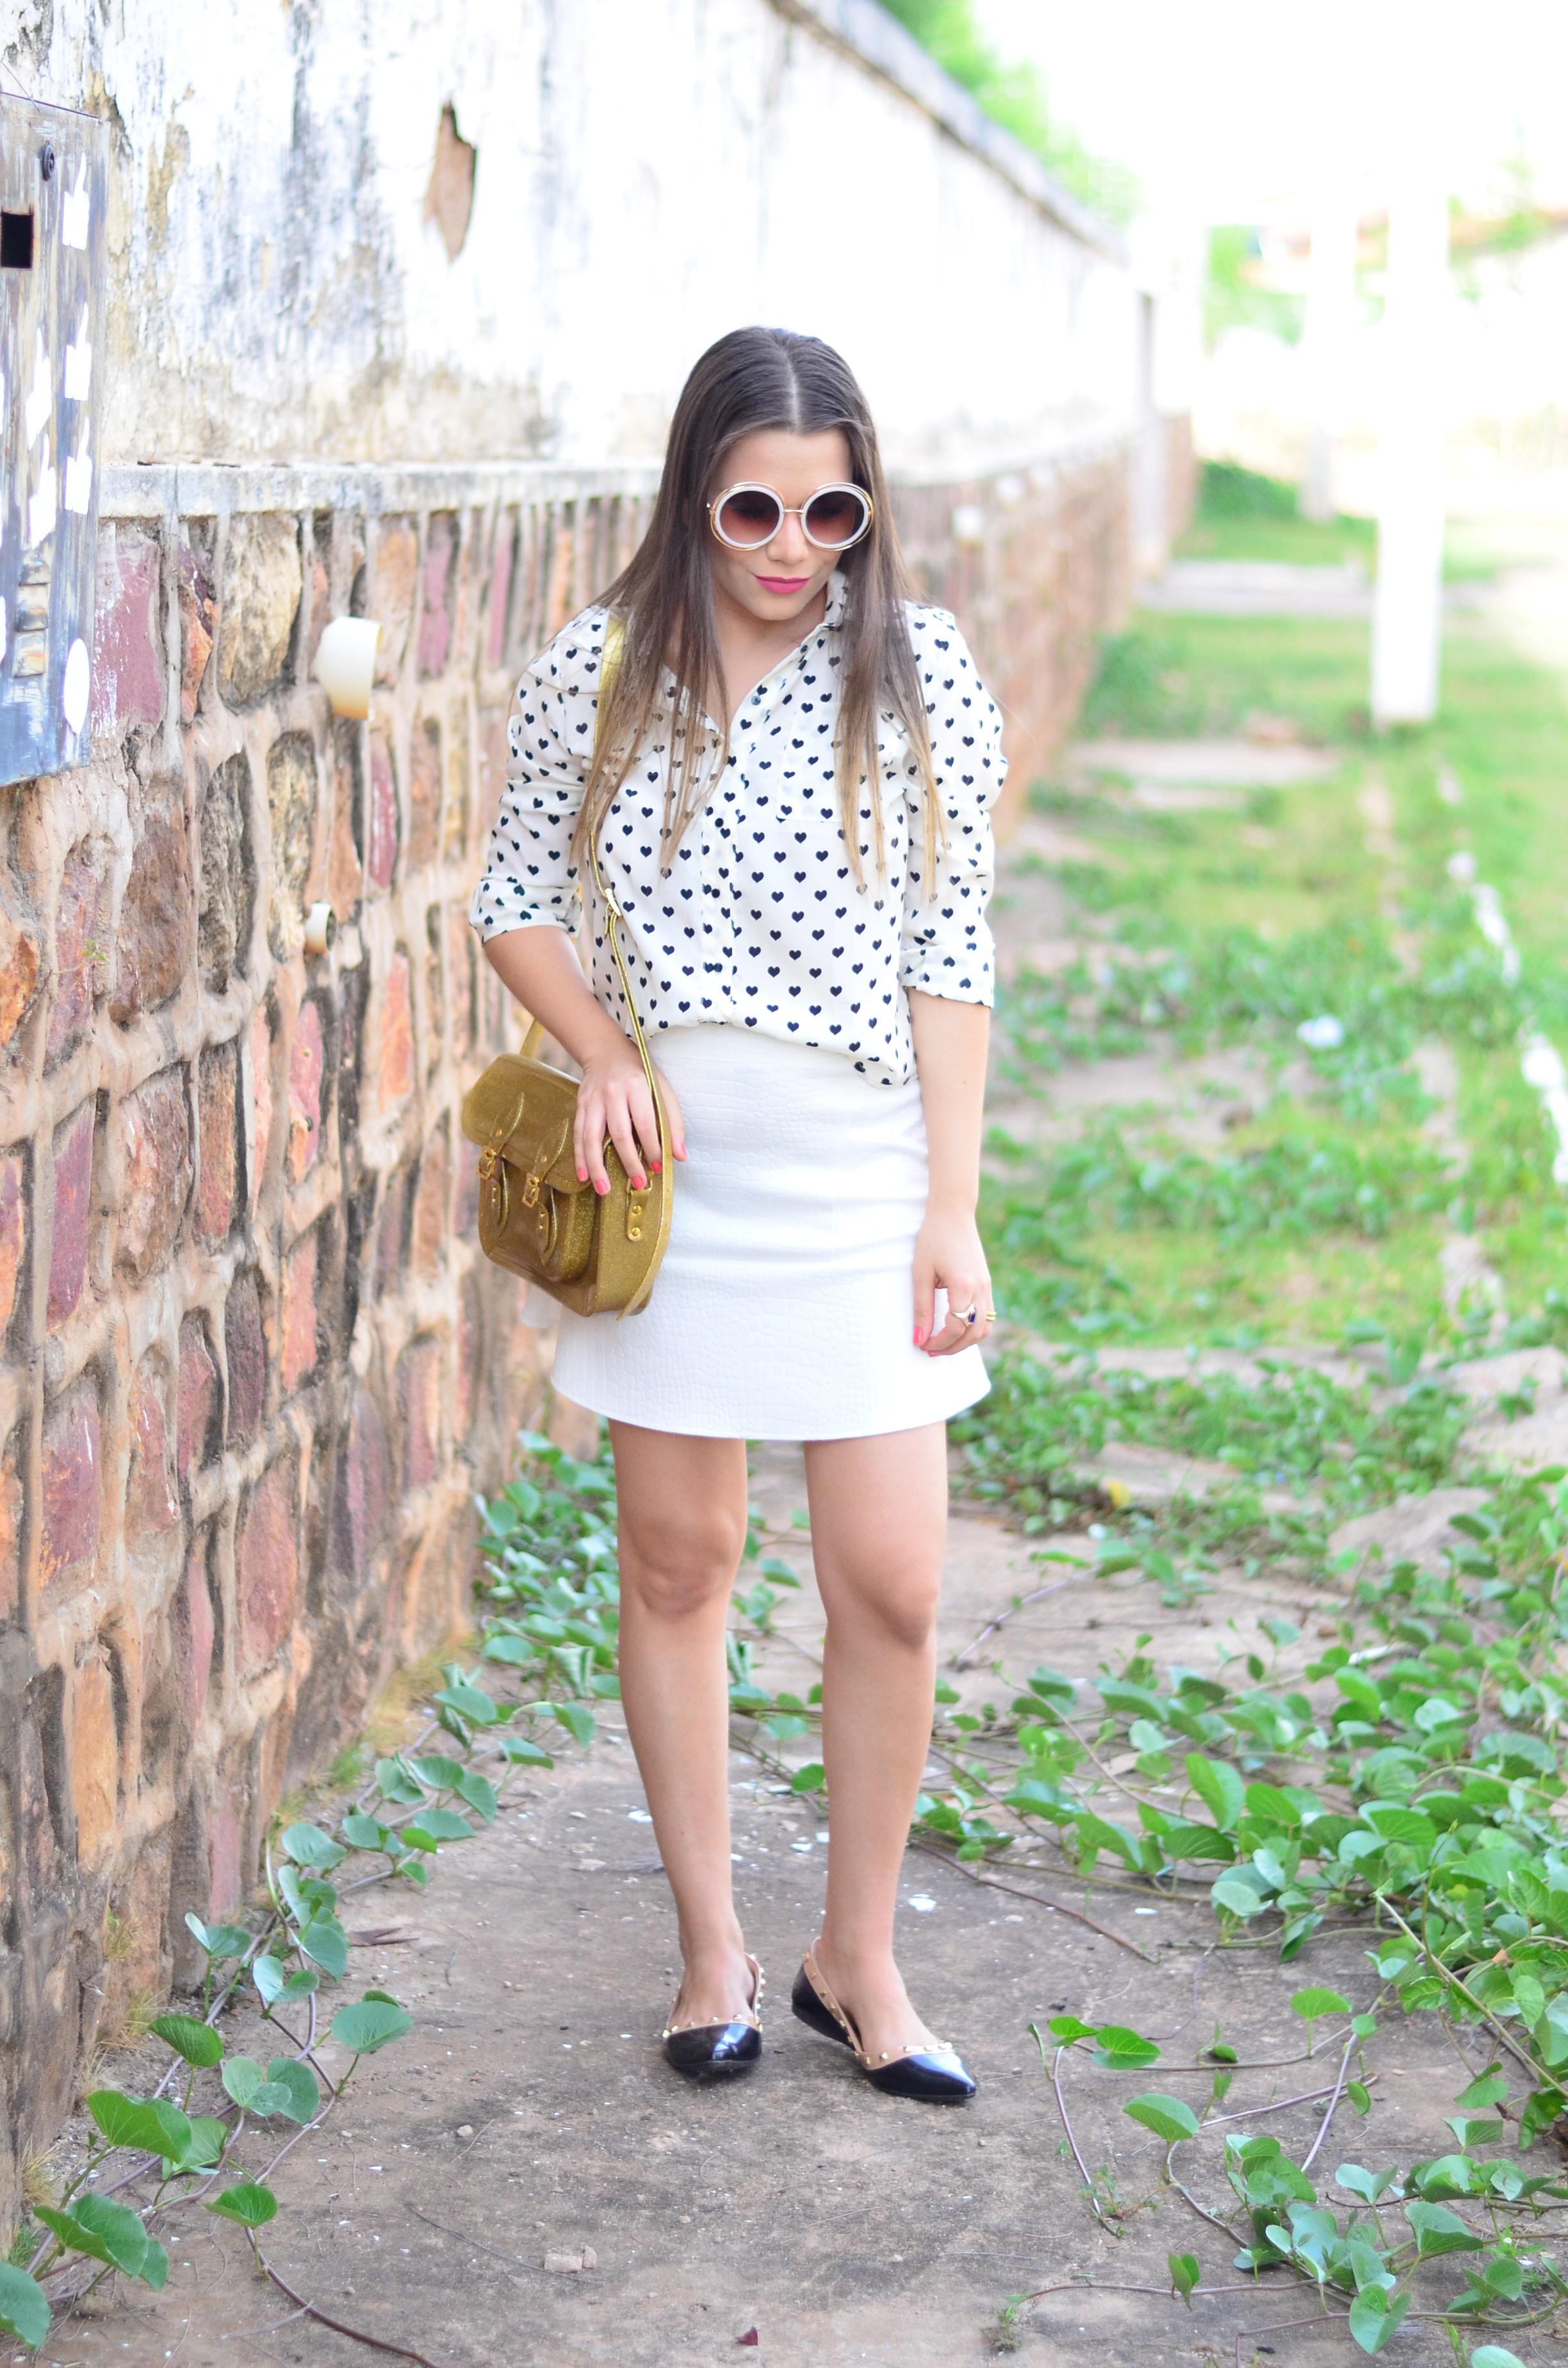 look-saia-e-camisa-branca-com-oculos-inspiracao-chloe-15